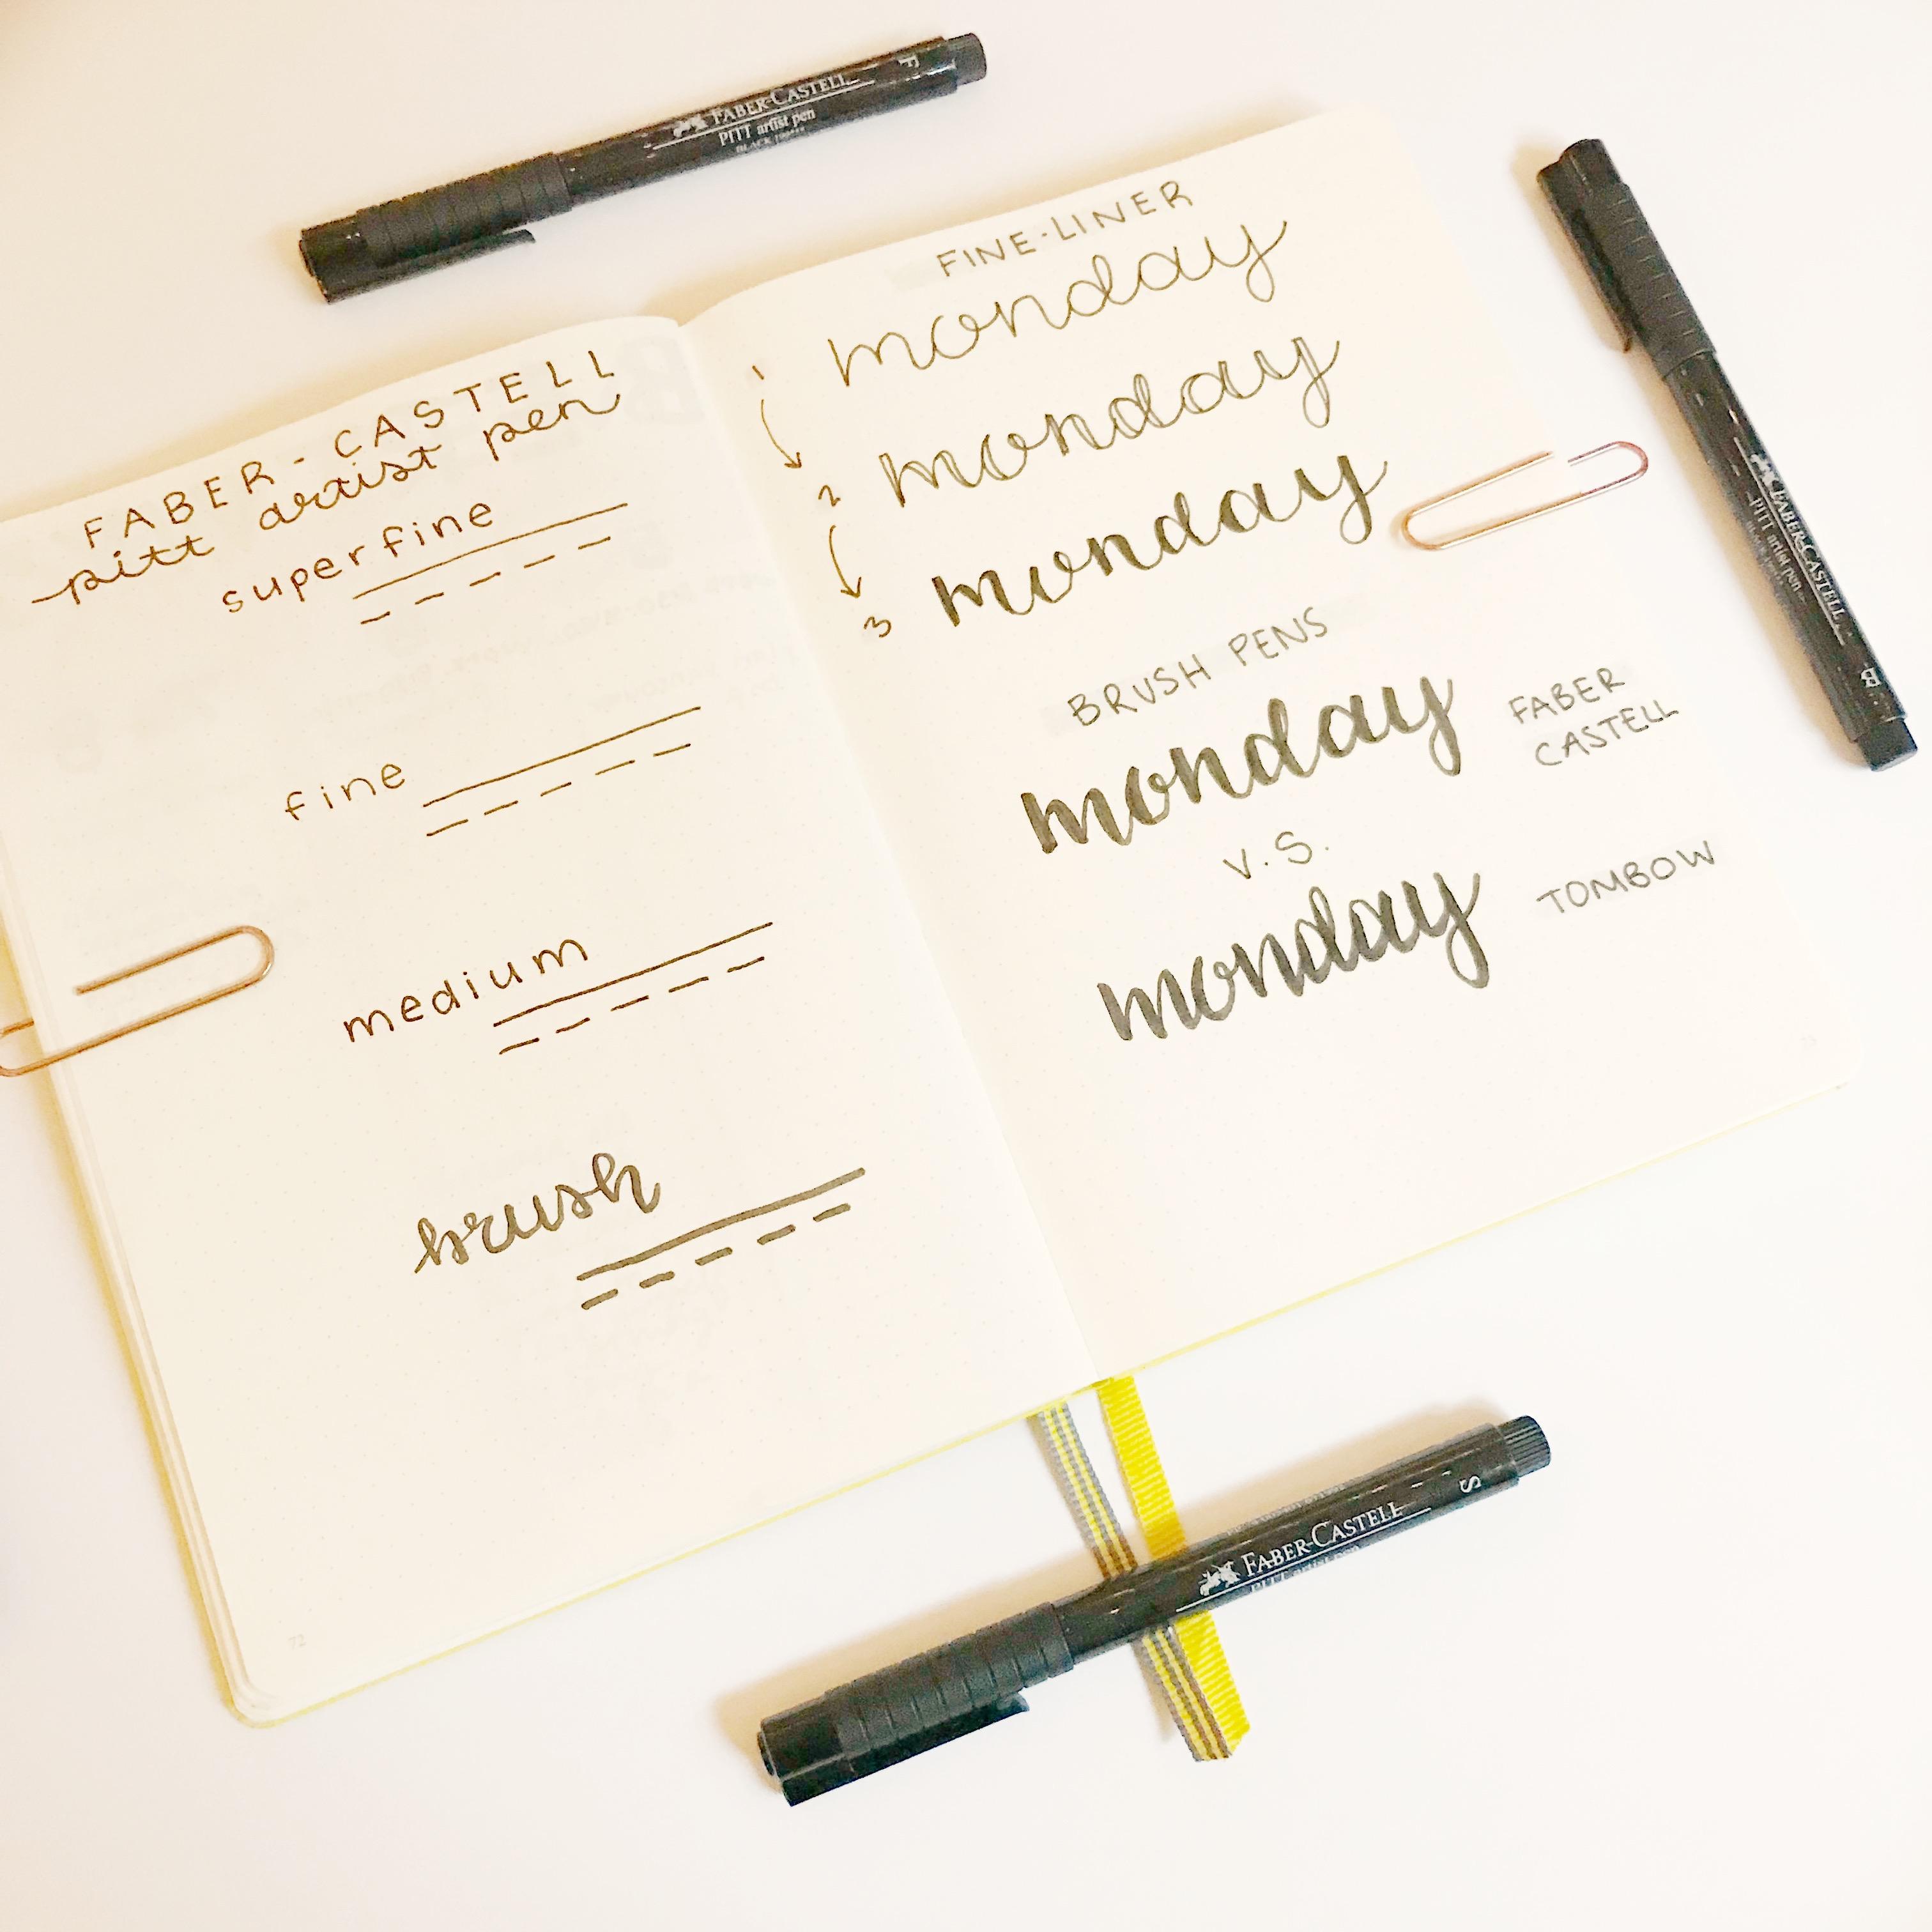 FABER-CASTELL REVIEW | Faber-castell Pitt artist pens review, stationery review, bullet journal supplies, journaling supplies